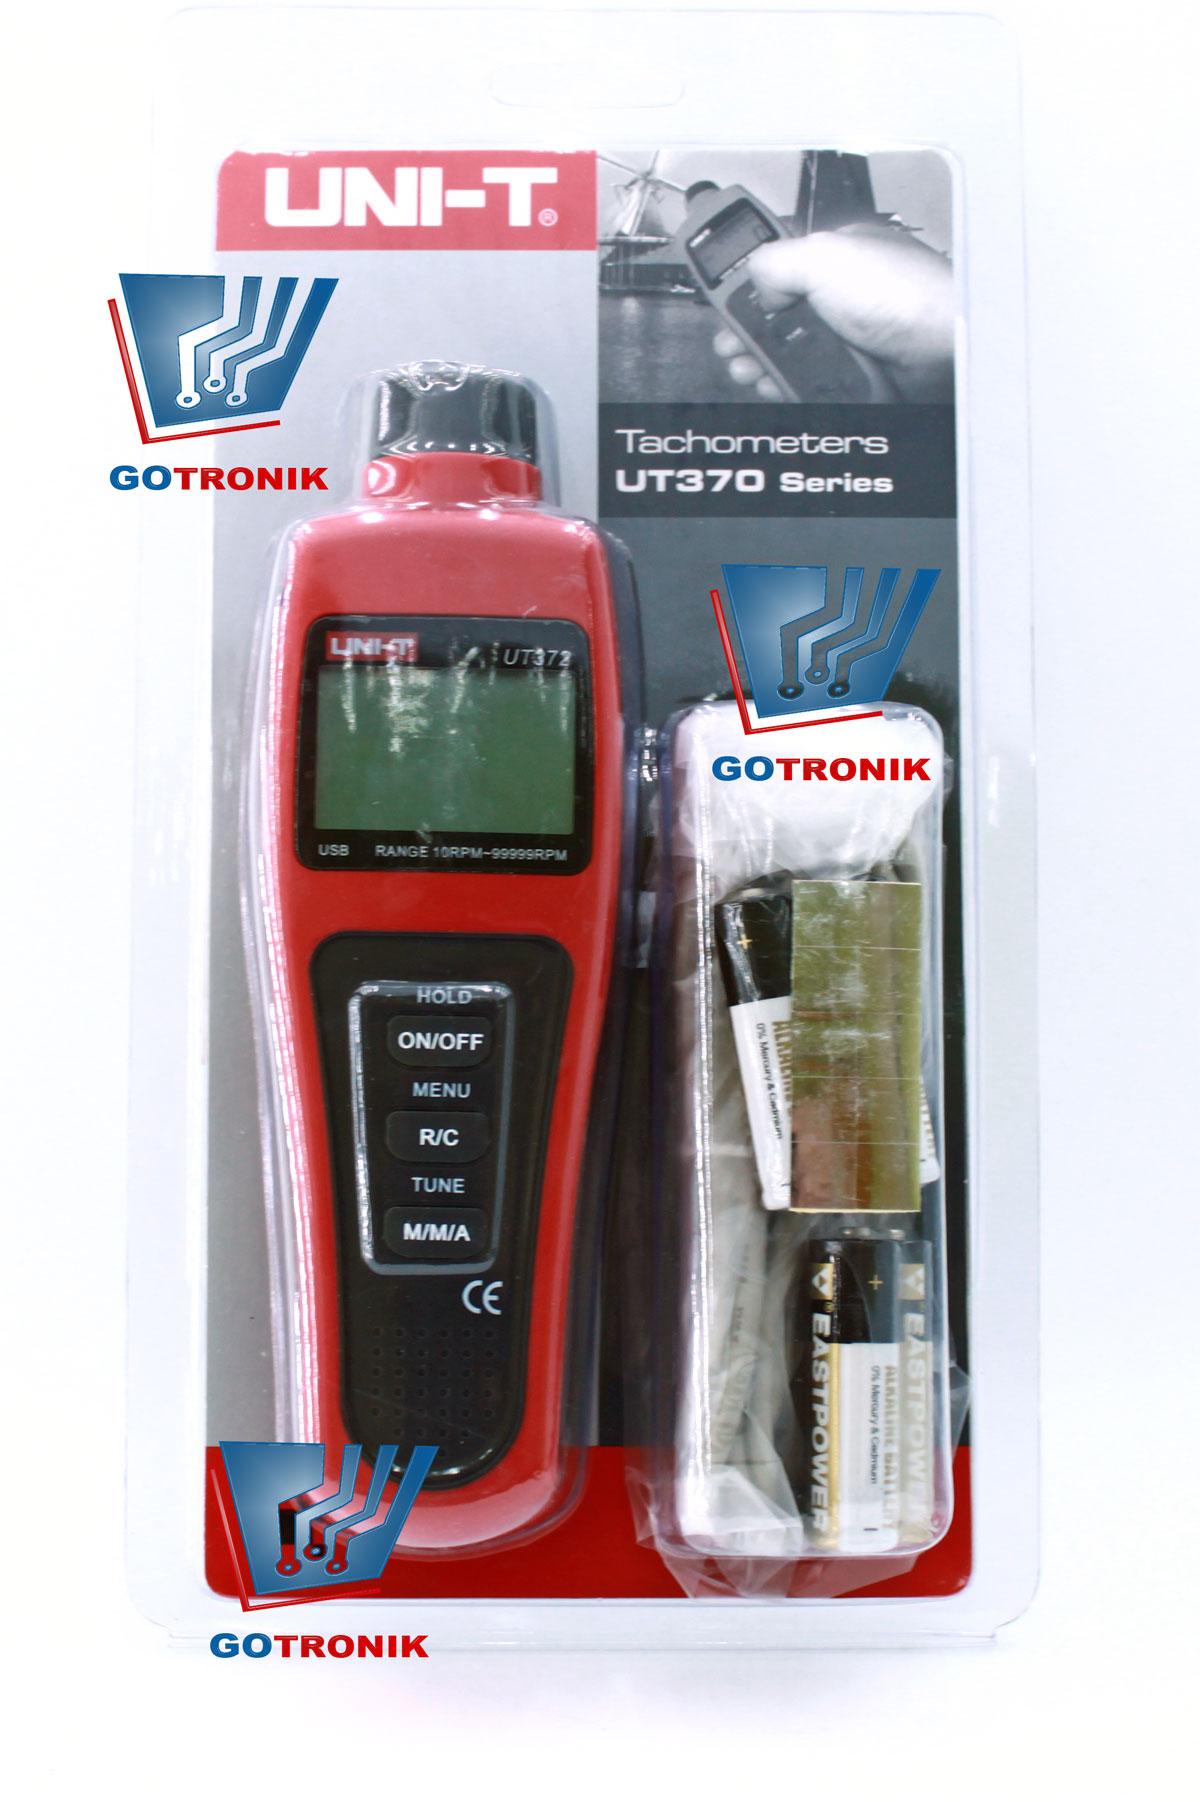 Tachometr UT372 cyfrowy miernik obrotów z portem USB produkcji Uni-T